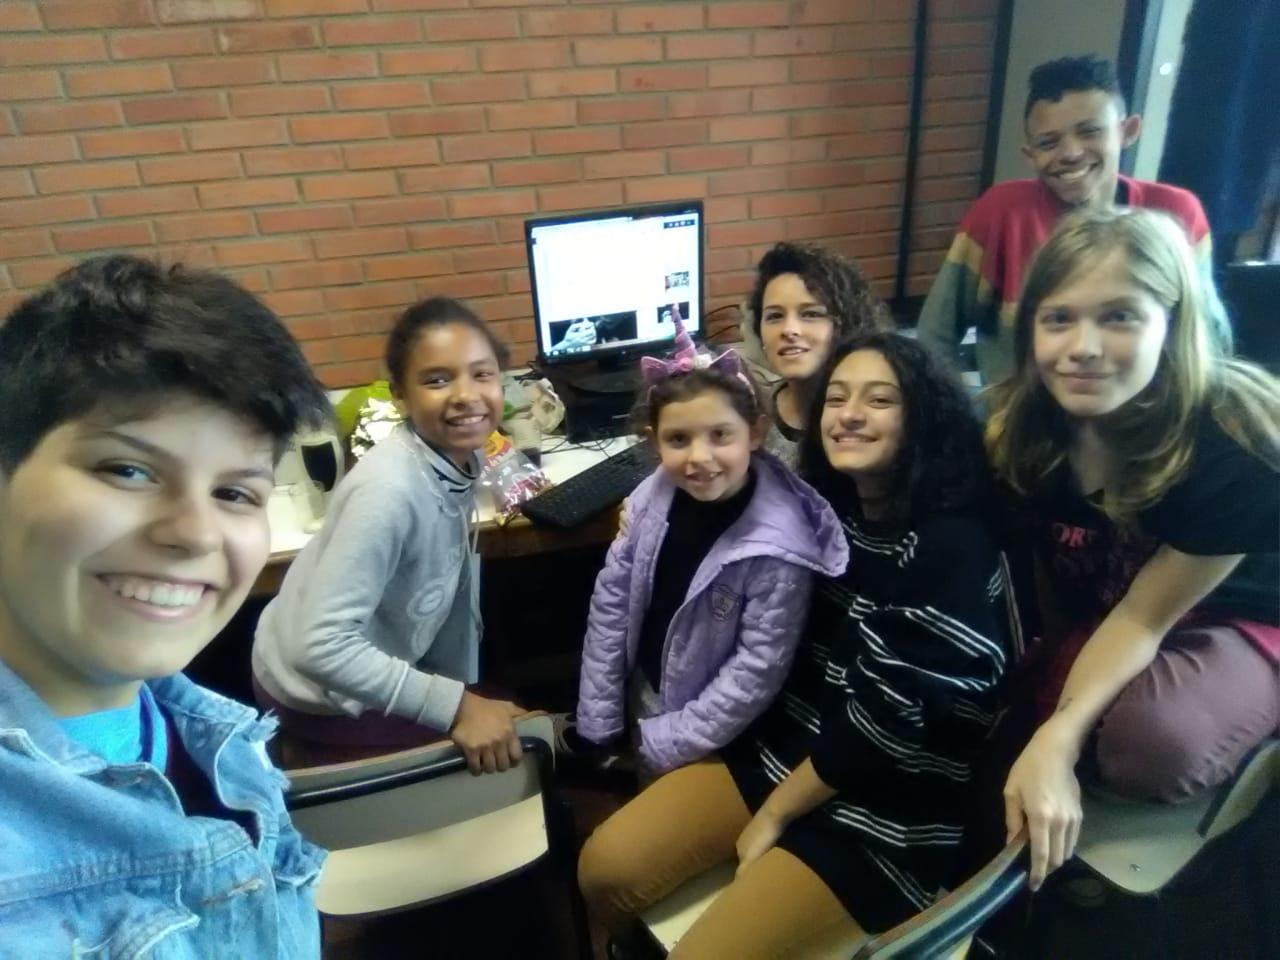 Foto com 5 estudantes e um professor ao fundo. Todos estão à frente de um computador e sorrindo para a câmera